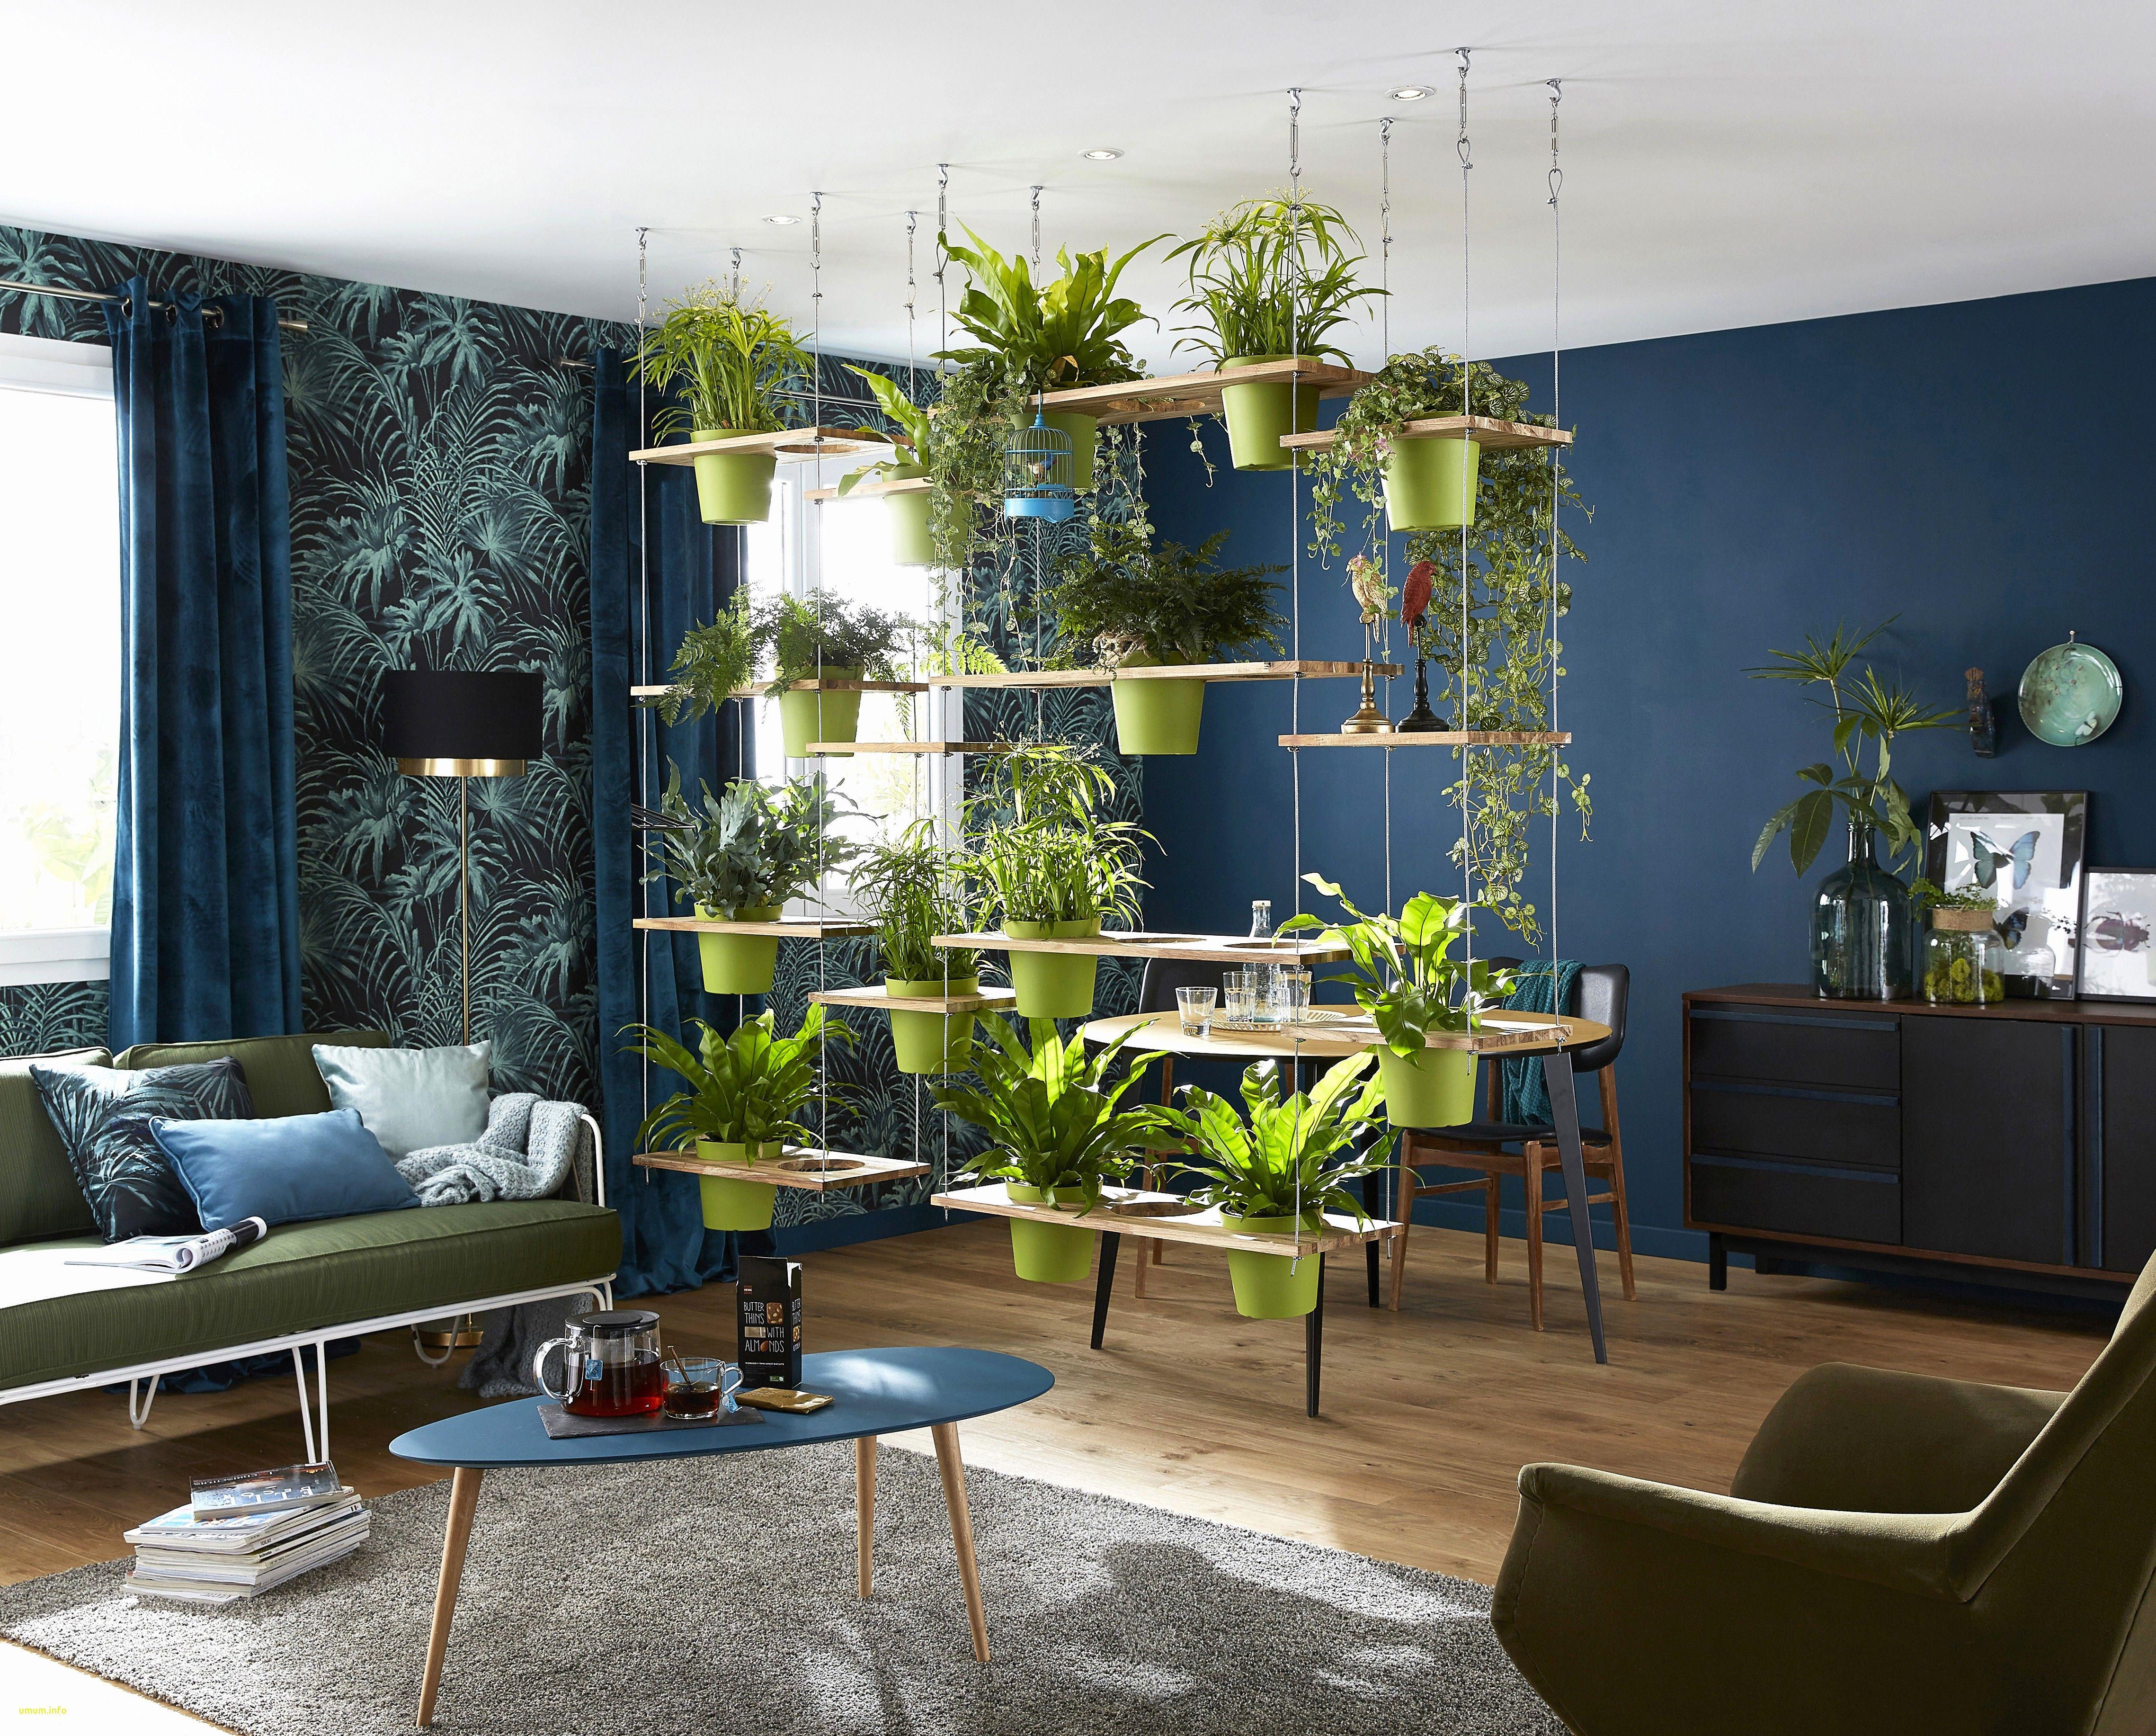 Deco Chambre Style Exotique les fleurs dans la déco salon vintage exotique : inspiration